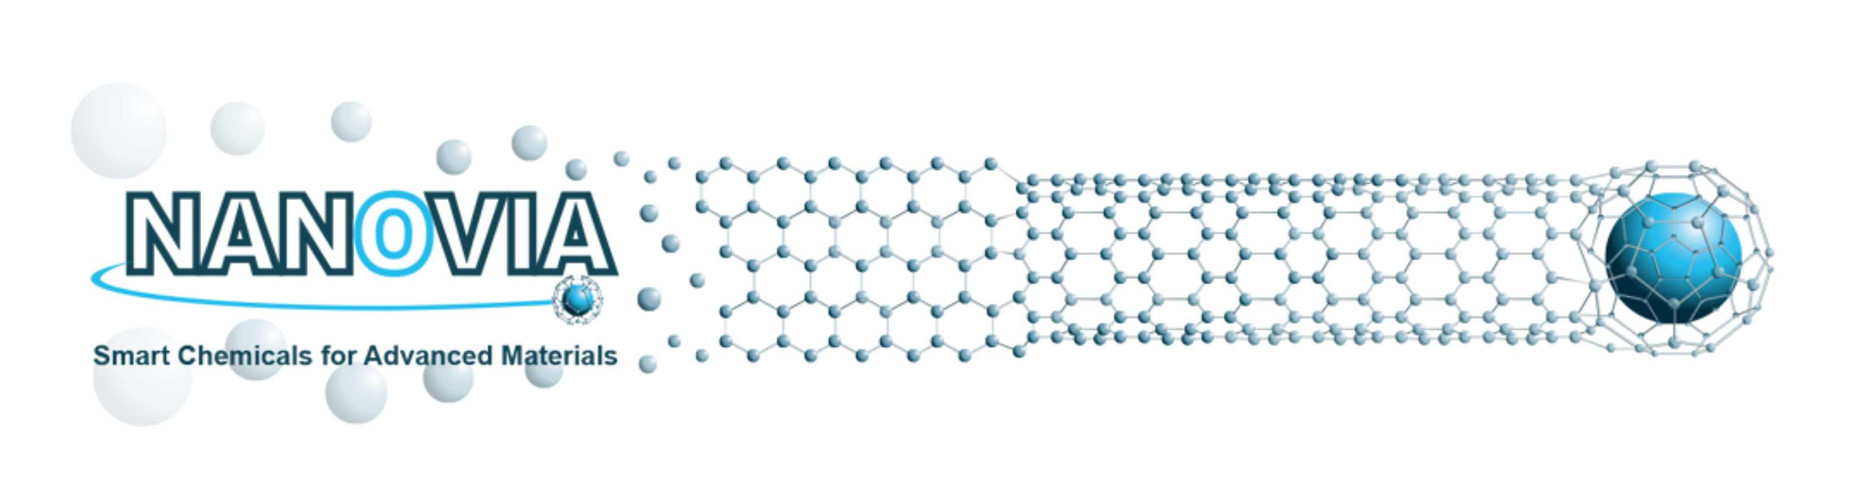 nanovia.jpg